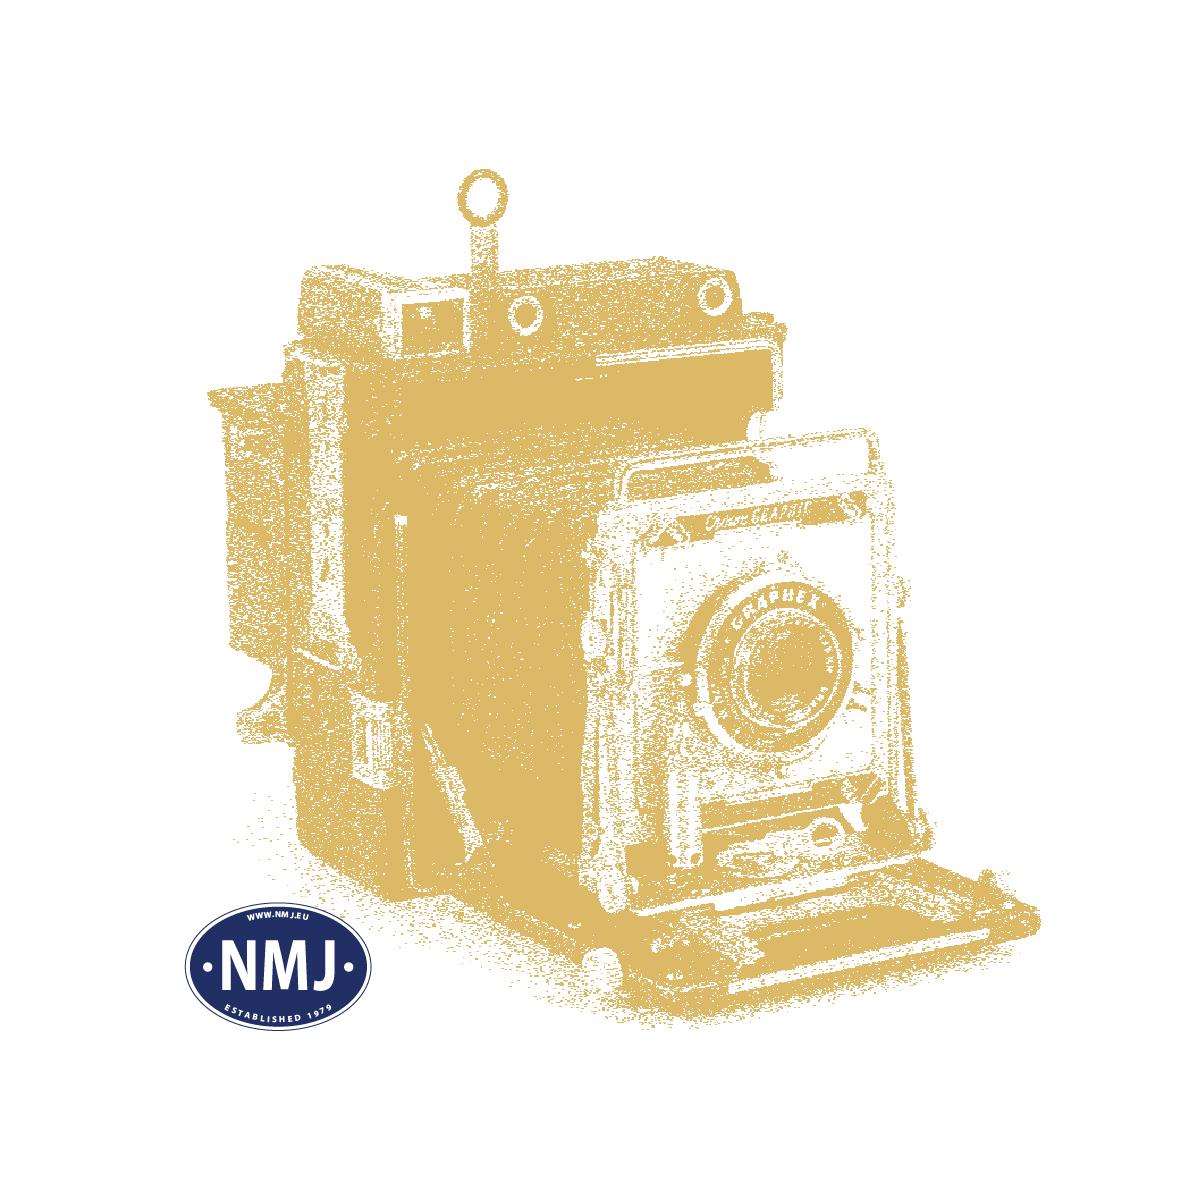 NMJSTl316570 - NMJ Superline Modell des NSB Rungenwagens Tl3 16570 mit Seiten- und Stirnwänden